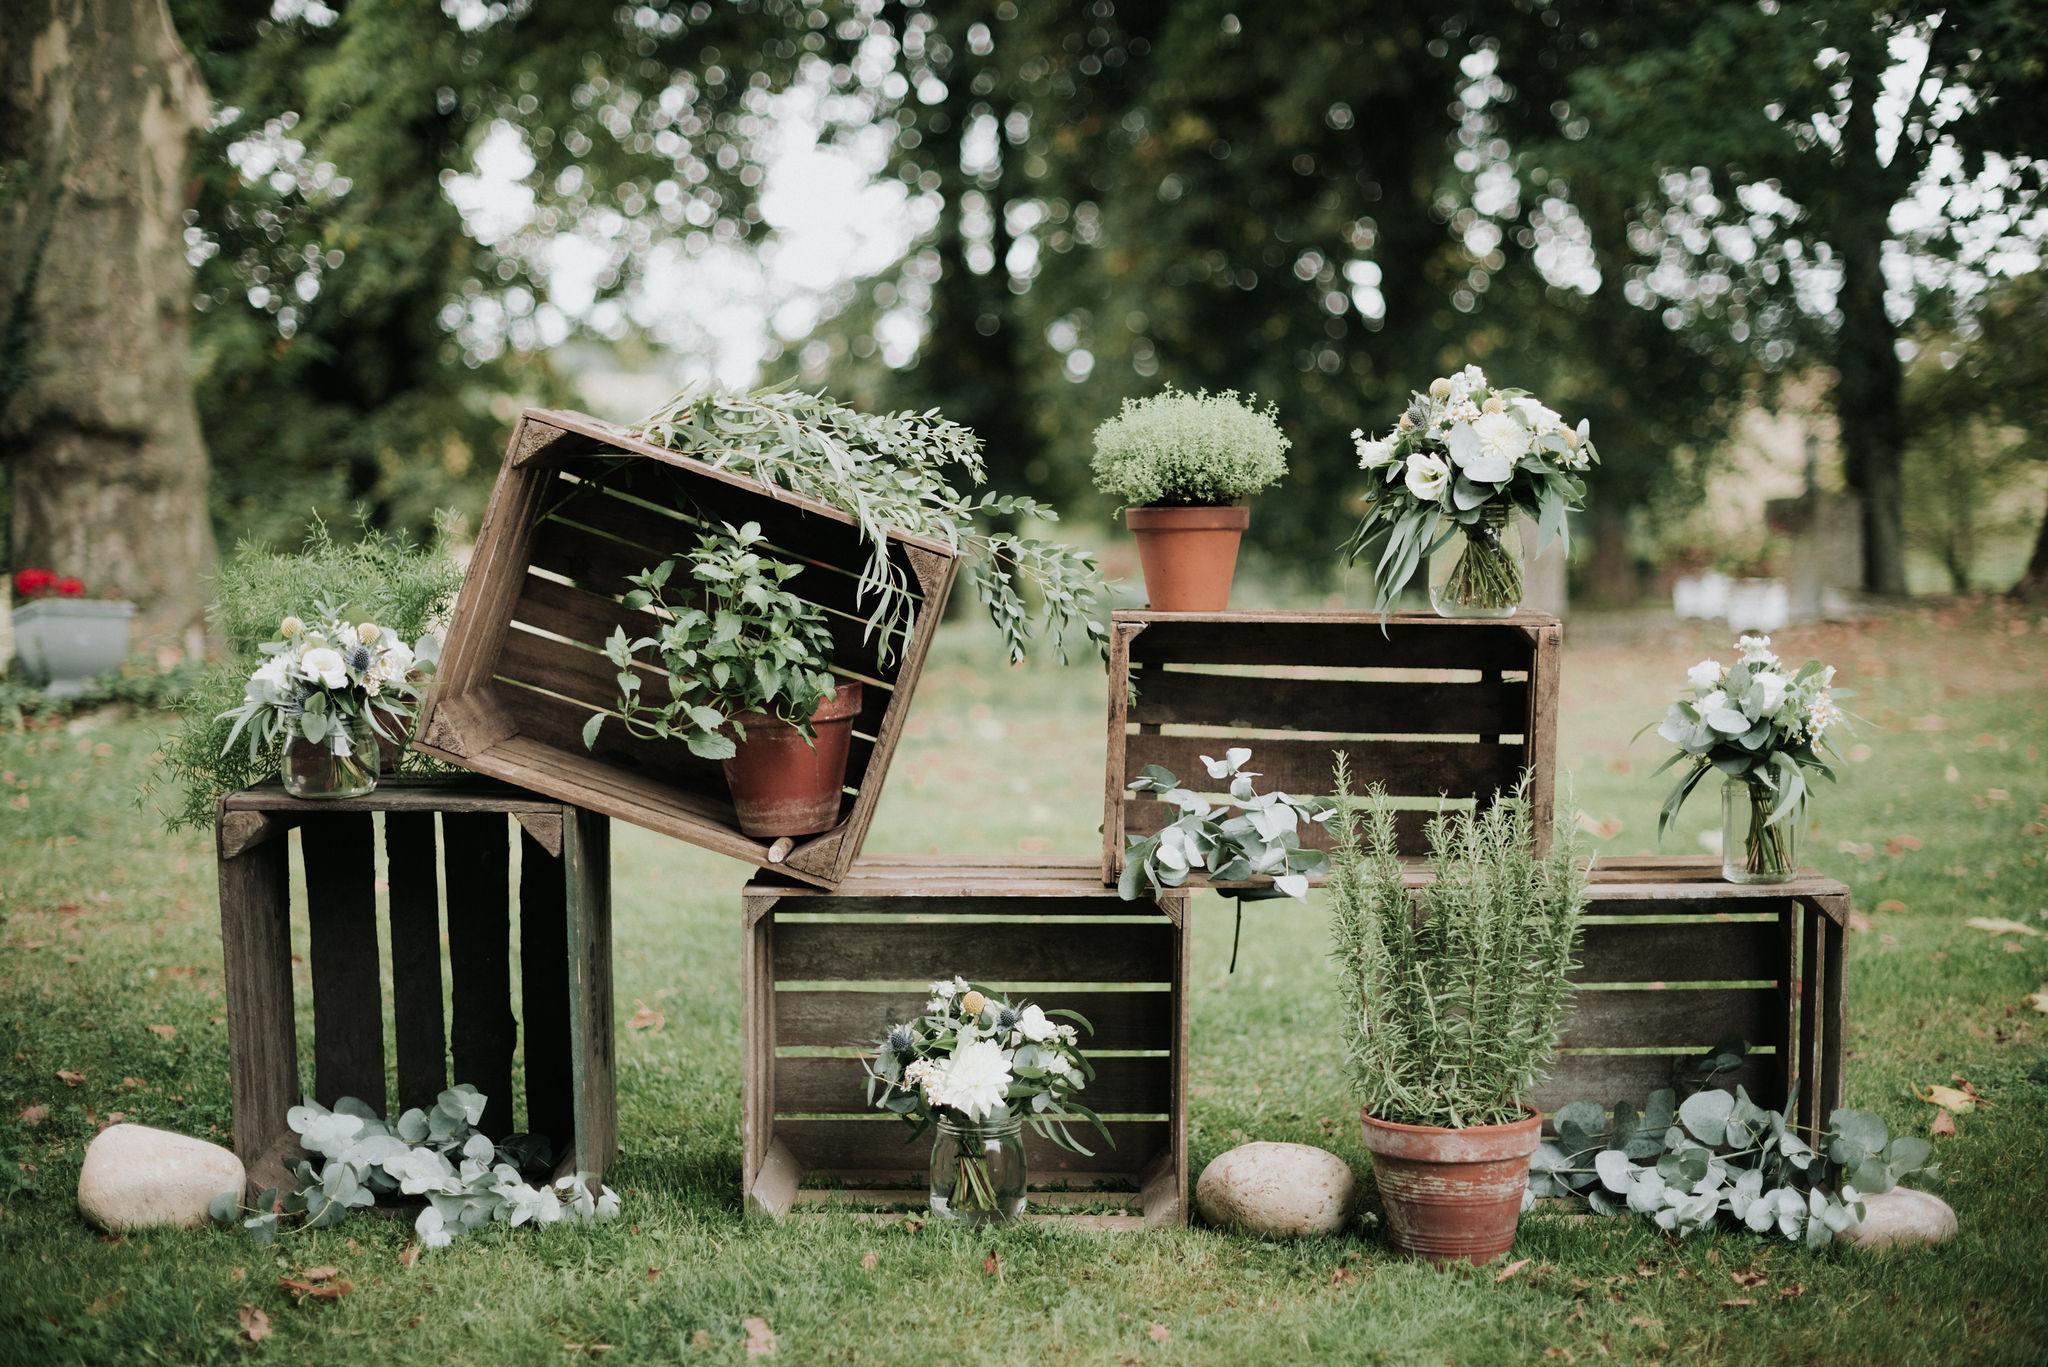 Léa-Fery-photographe-professionnel-lyon-rhone-alpes-portrait-creation-mariage-evenement-evenementiel-famille-6478.jpg